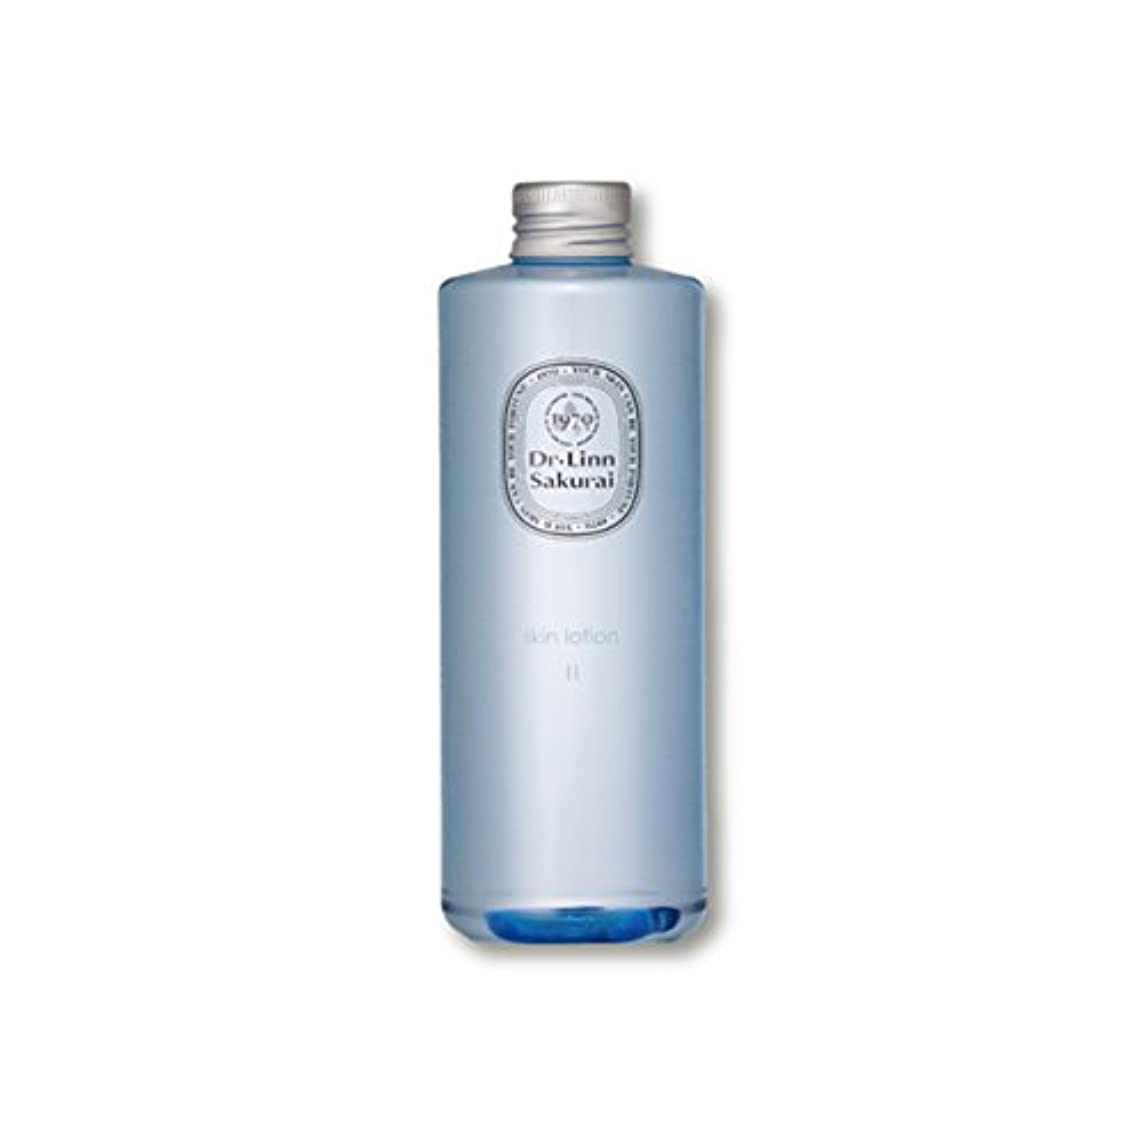 唇デコレーションツーリストドクターリンサクライ スキンローションII しっとりタイプ 300ml  (化粧水)